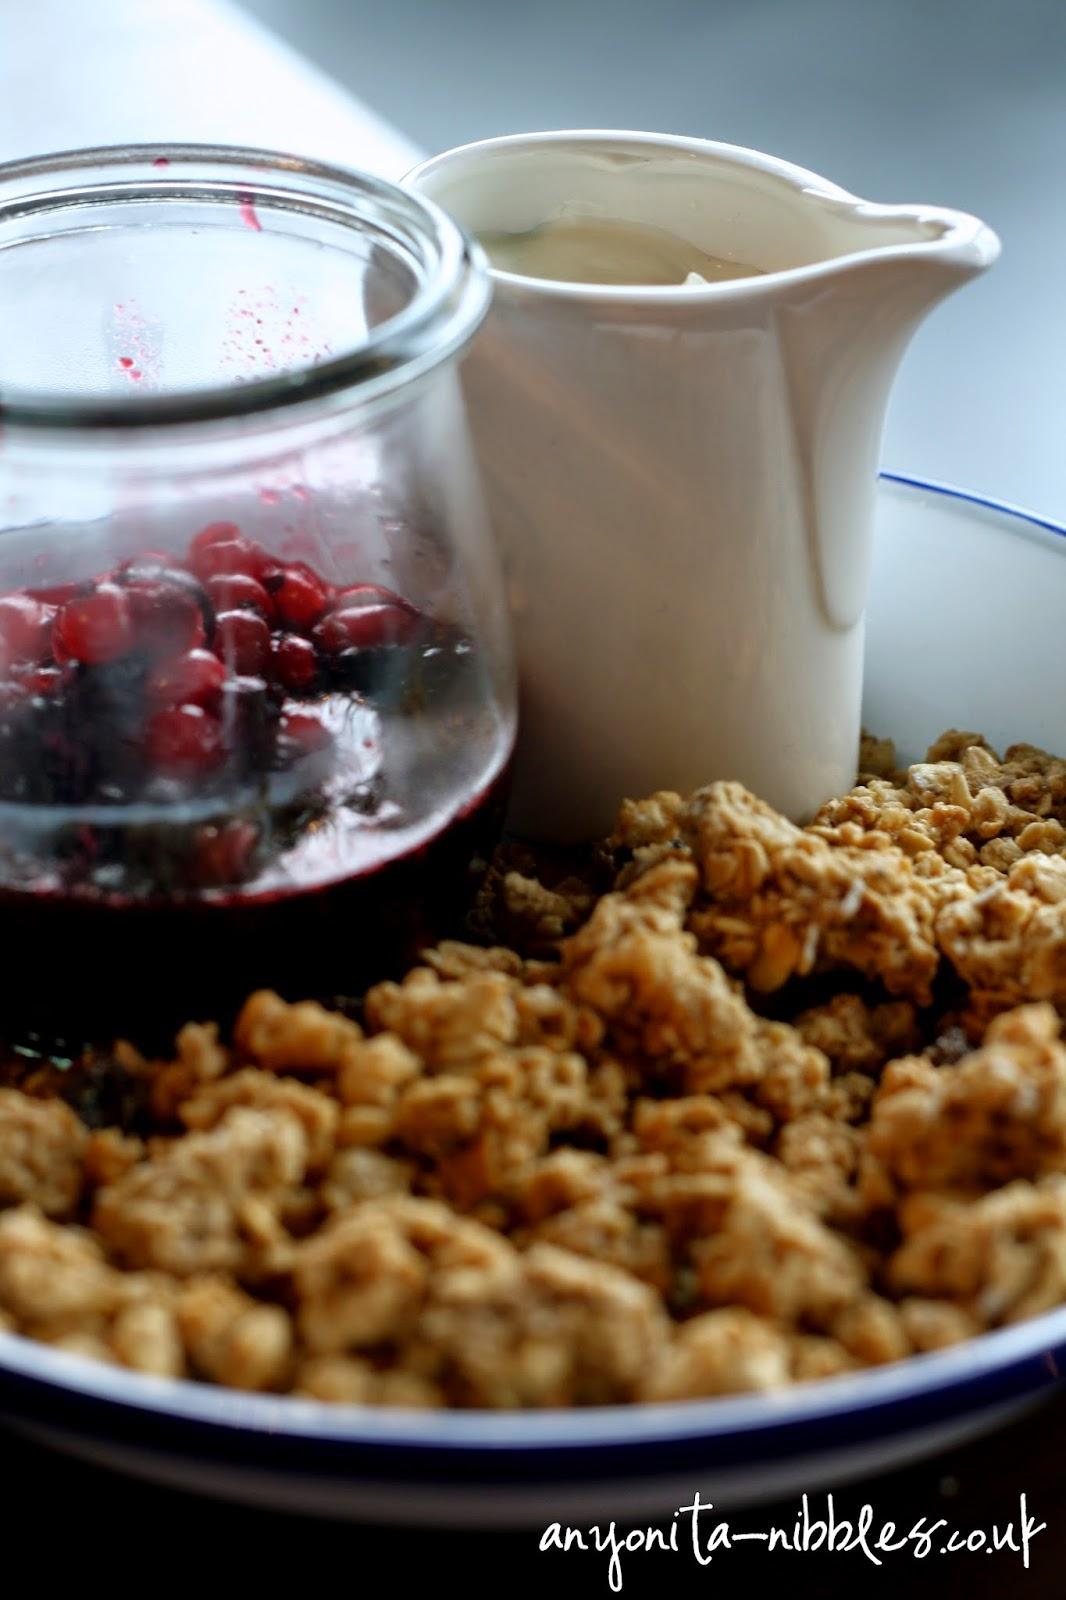 Granola with fresh berry coulis and yogurt at TGI Friday's | Anyonita-nibbles.co.uk